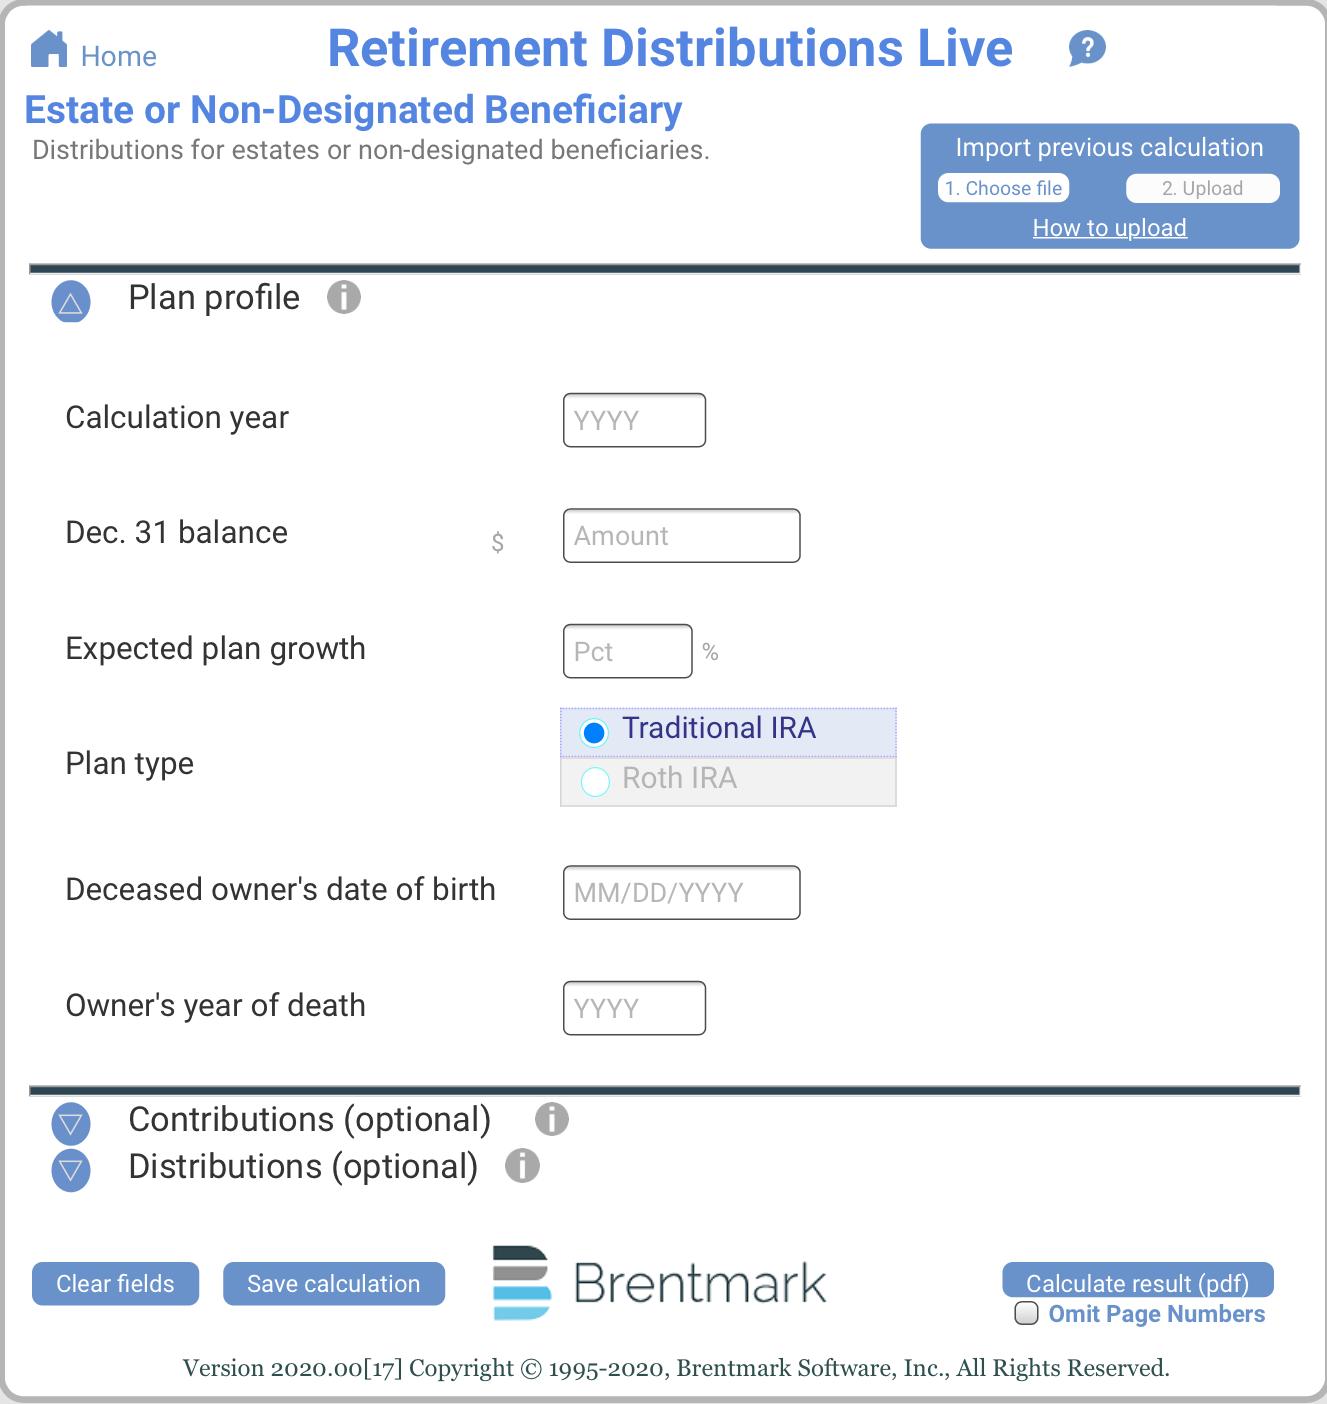 Estate or Non-Designated Beneficiary